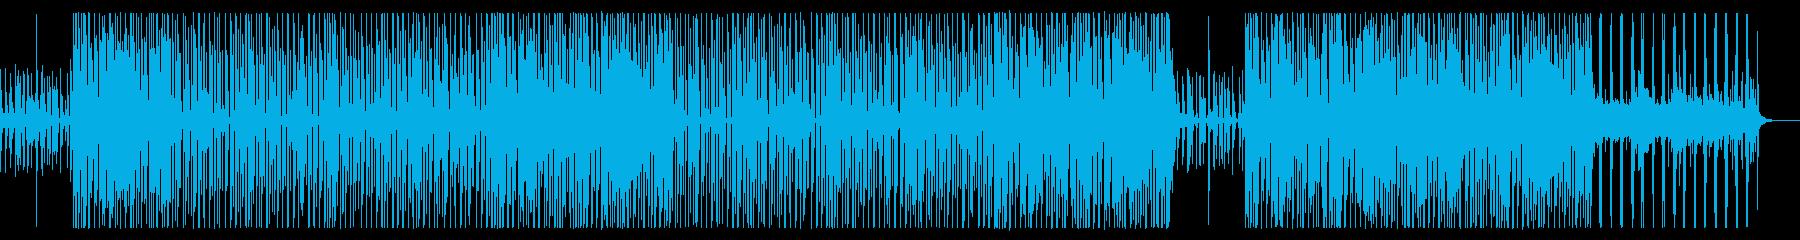 爽快な朝/1日のはじまり/スタートの再生済みの波形